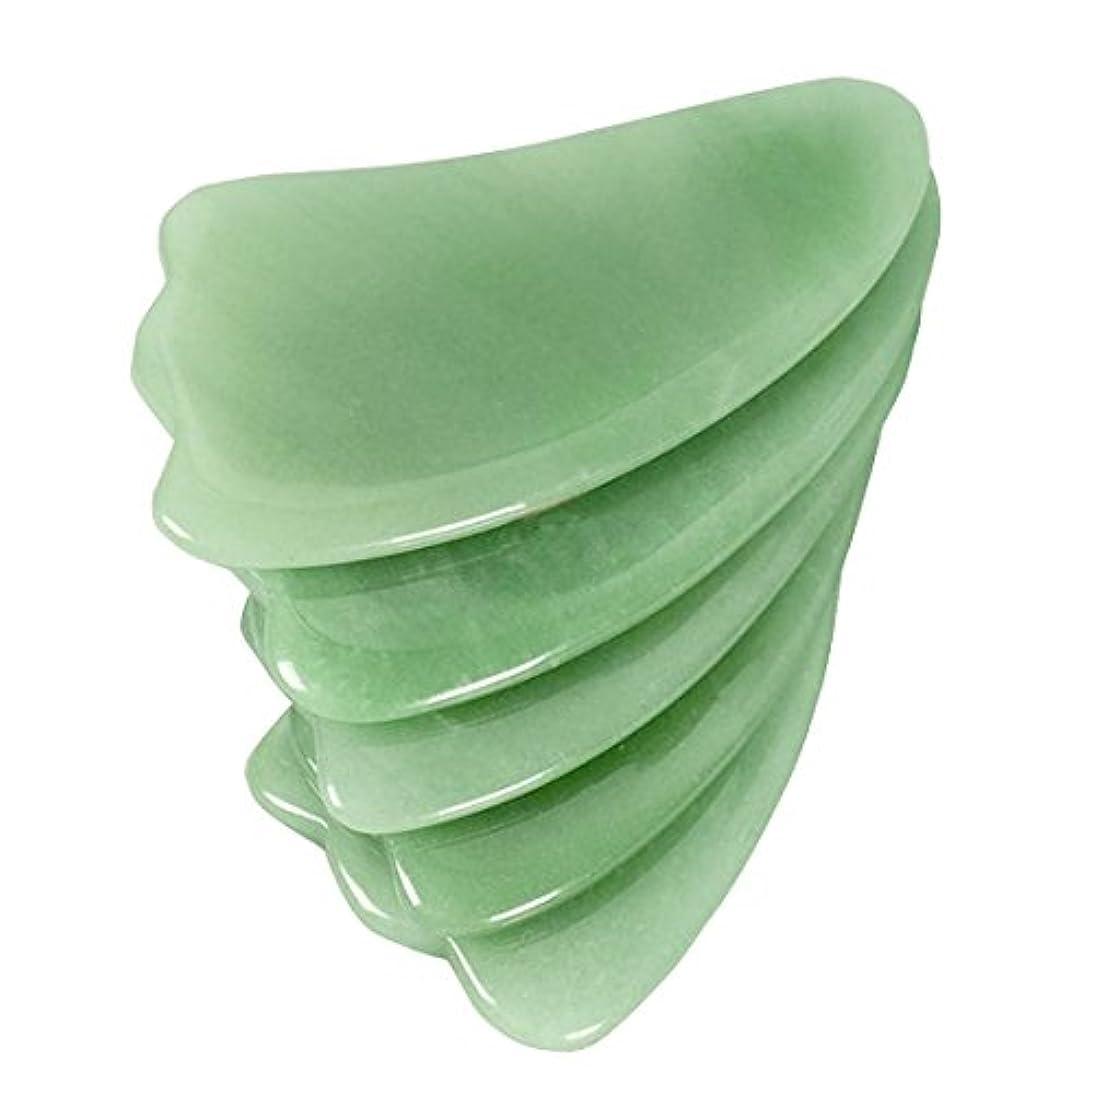 粘着性中に奨励します(イスイ) YISHUI天然緑アベンチュリン かっさプレート カッサリフトプレート カッサボード カッサマッサージ道具 W3421